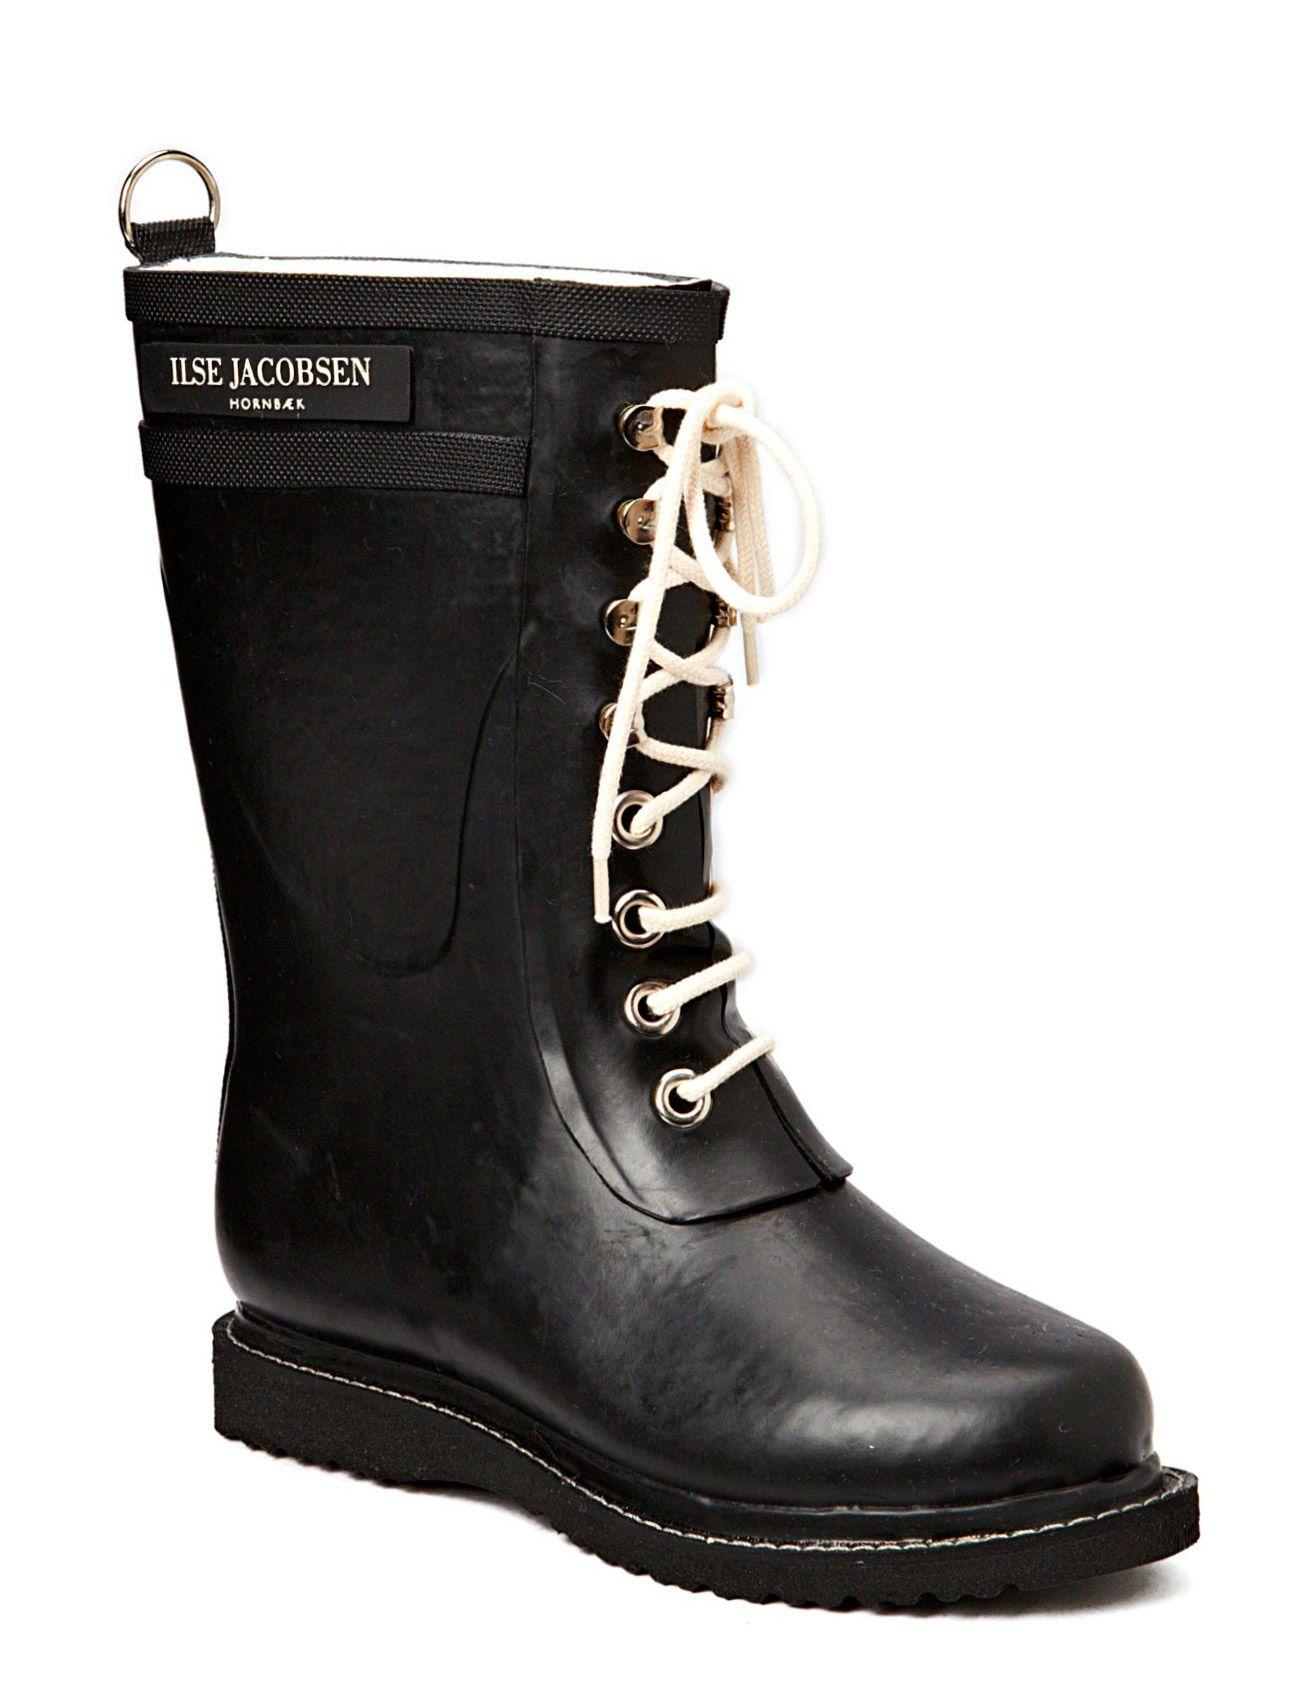 e7bed0b149f4 Rain boot - mid calf